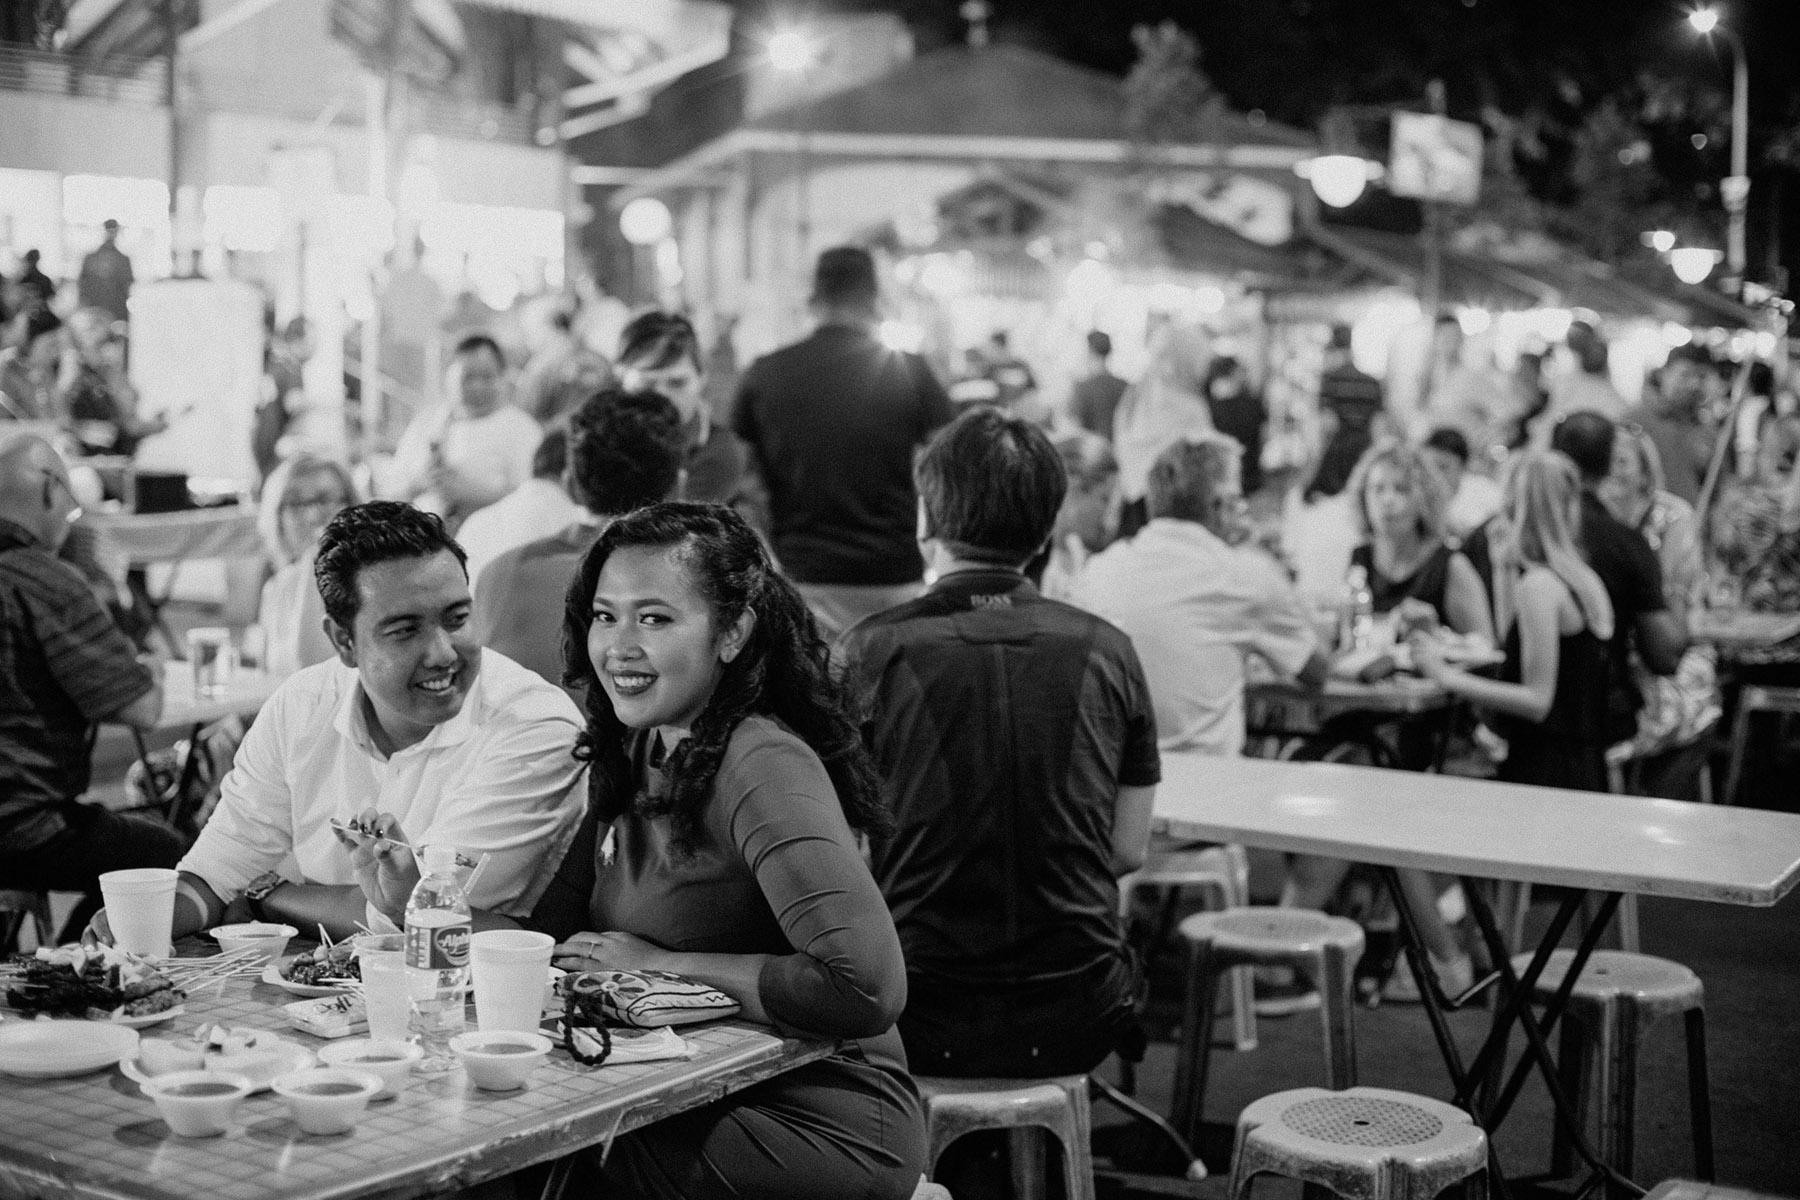 singapore-wedding-photographer-wemadethese-portraits-019.jpg